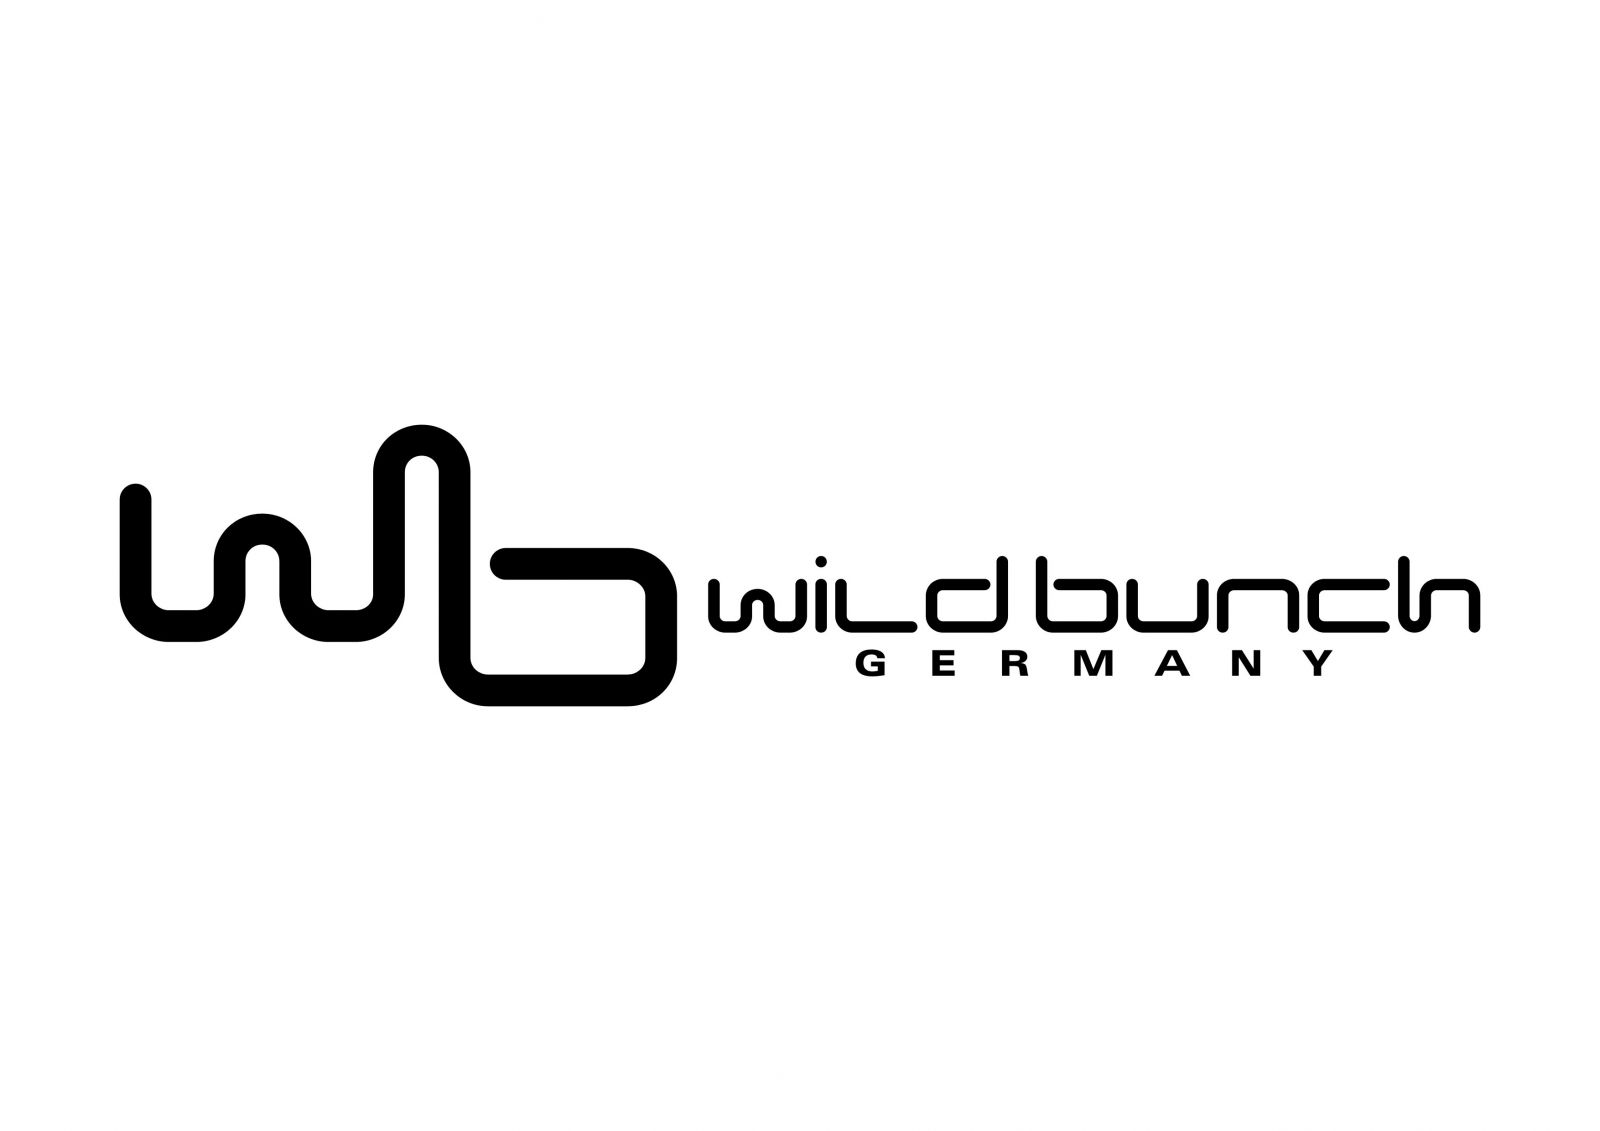 Wild Bunch Germany